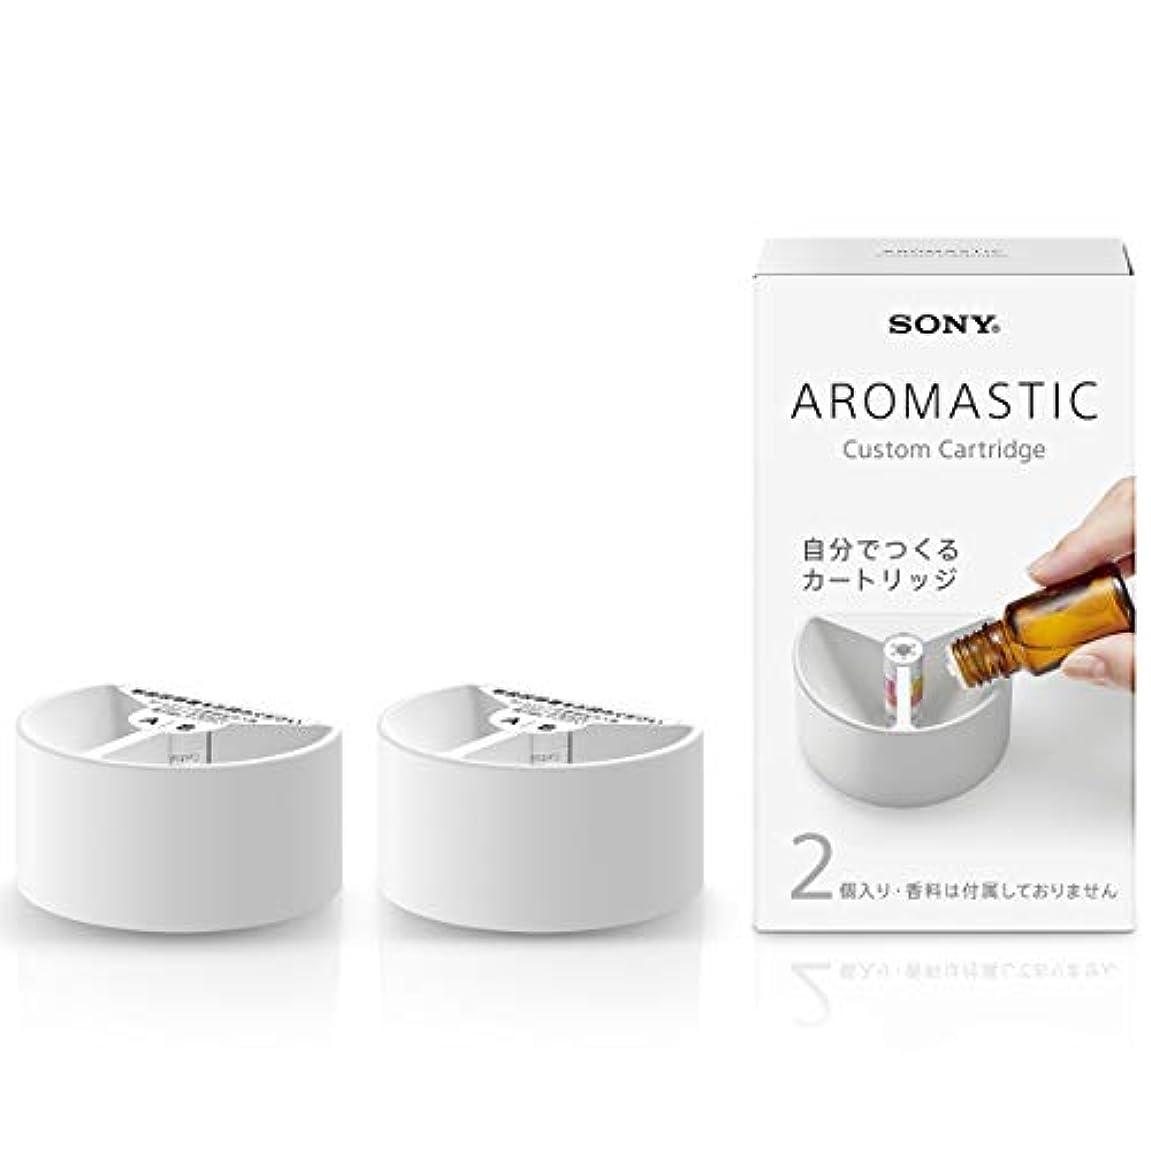 根拠厚さ足枷AROMASTIC Custom Cartridge(カスタムカートリッジ) OE-SC001